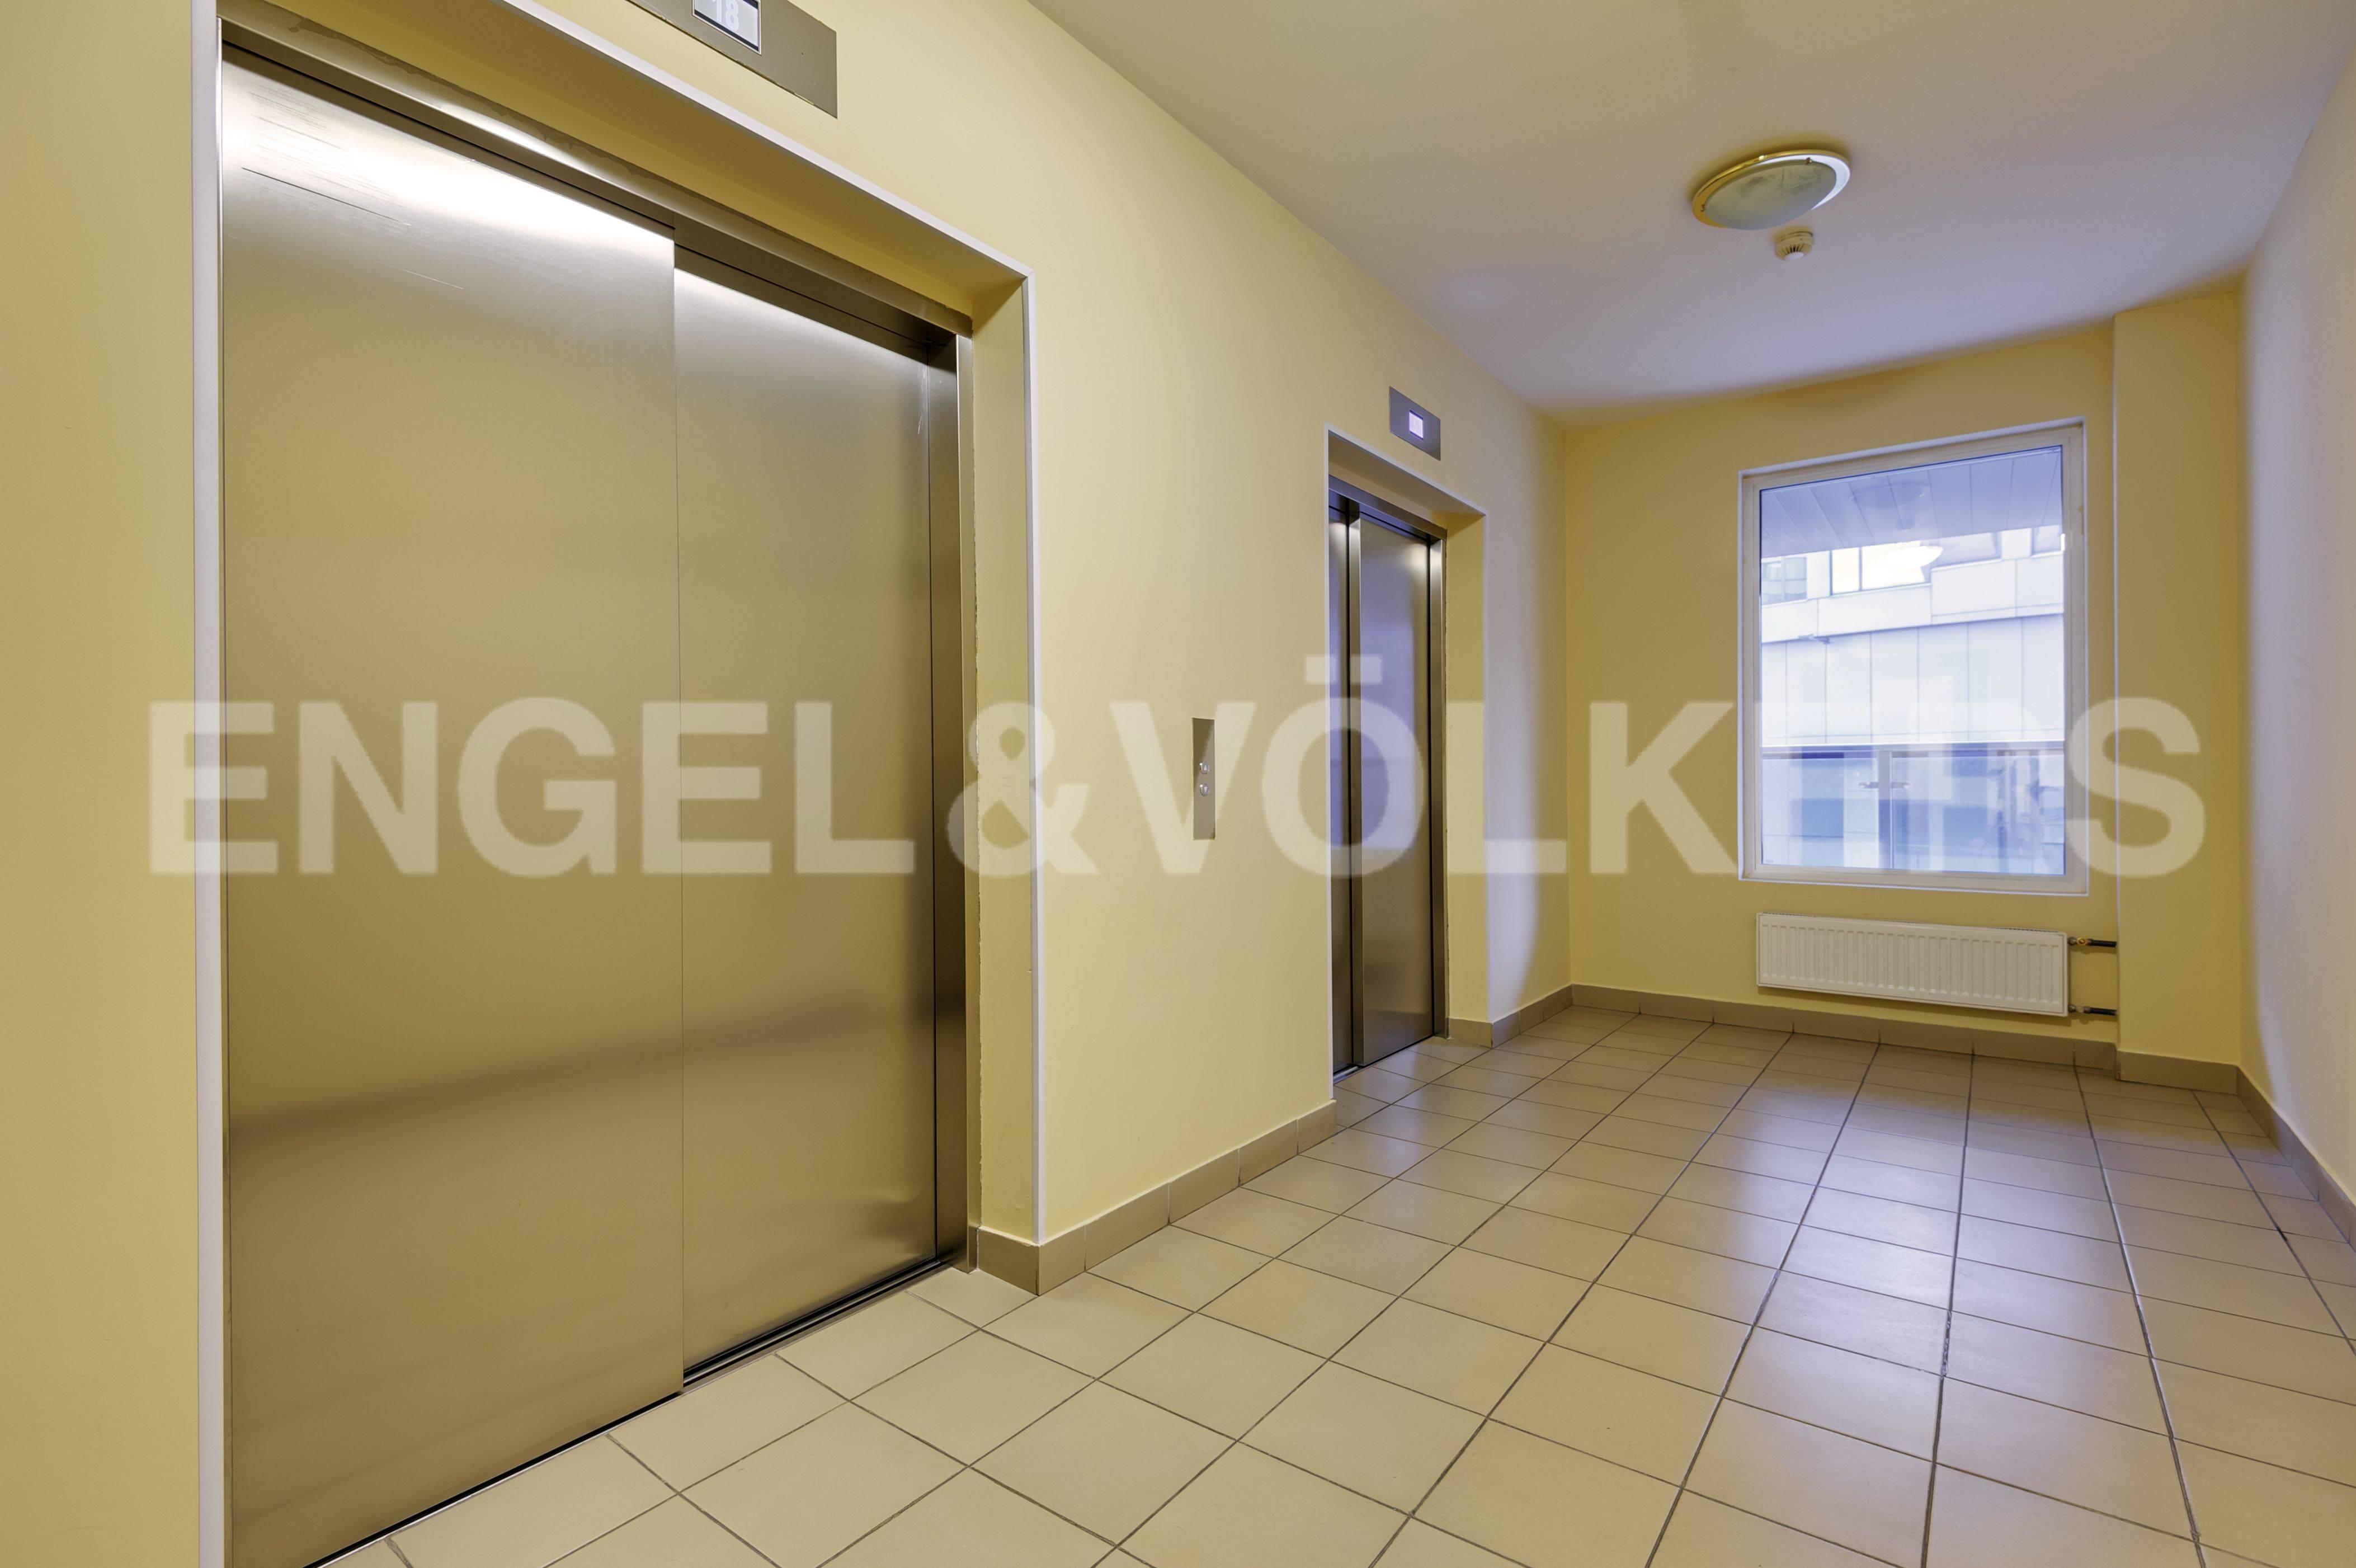 Элитные квартиры в Выборгский р-н. Санкт-Петербург, Большой Сампсониевский пр. 4-6. Скоростные бесшумные лифты в парадной